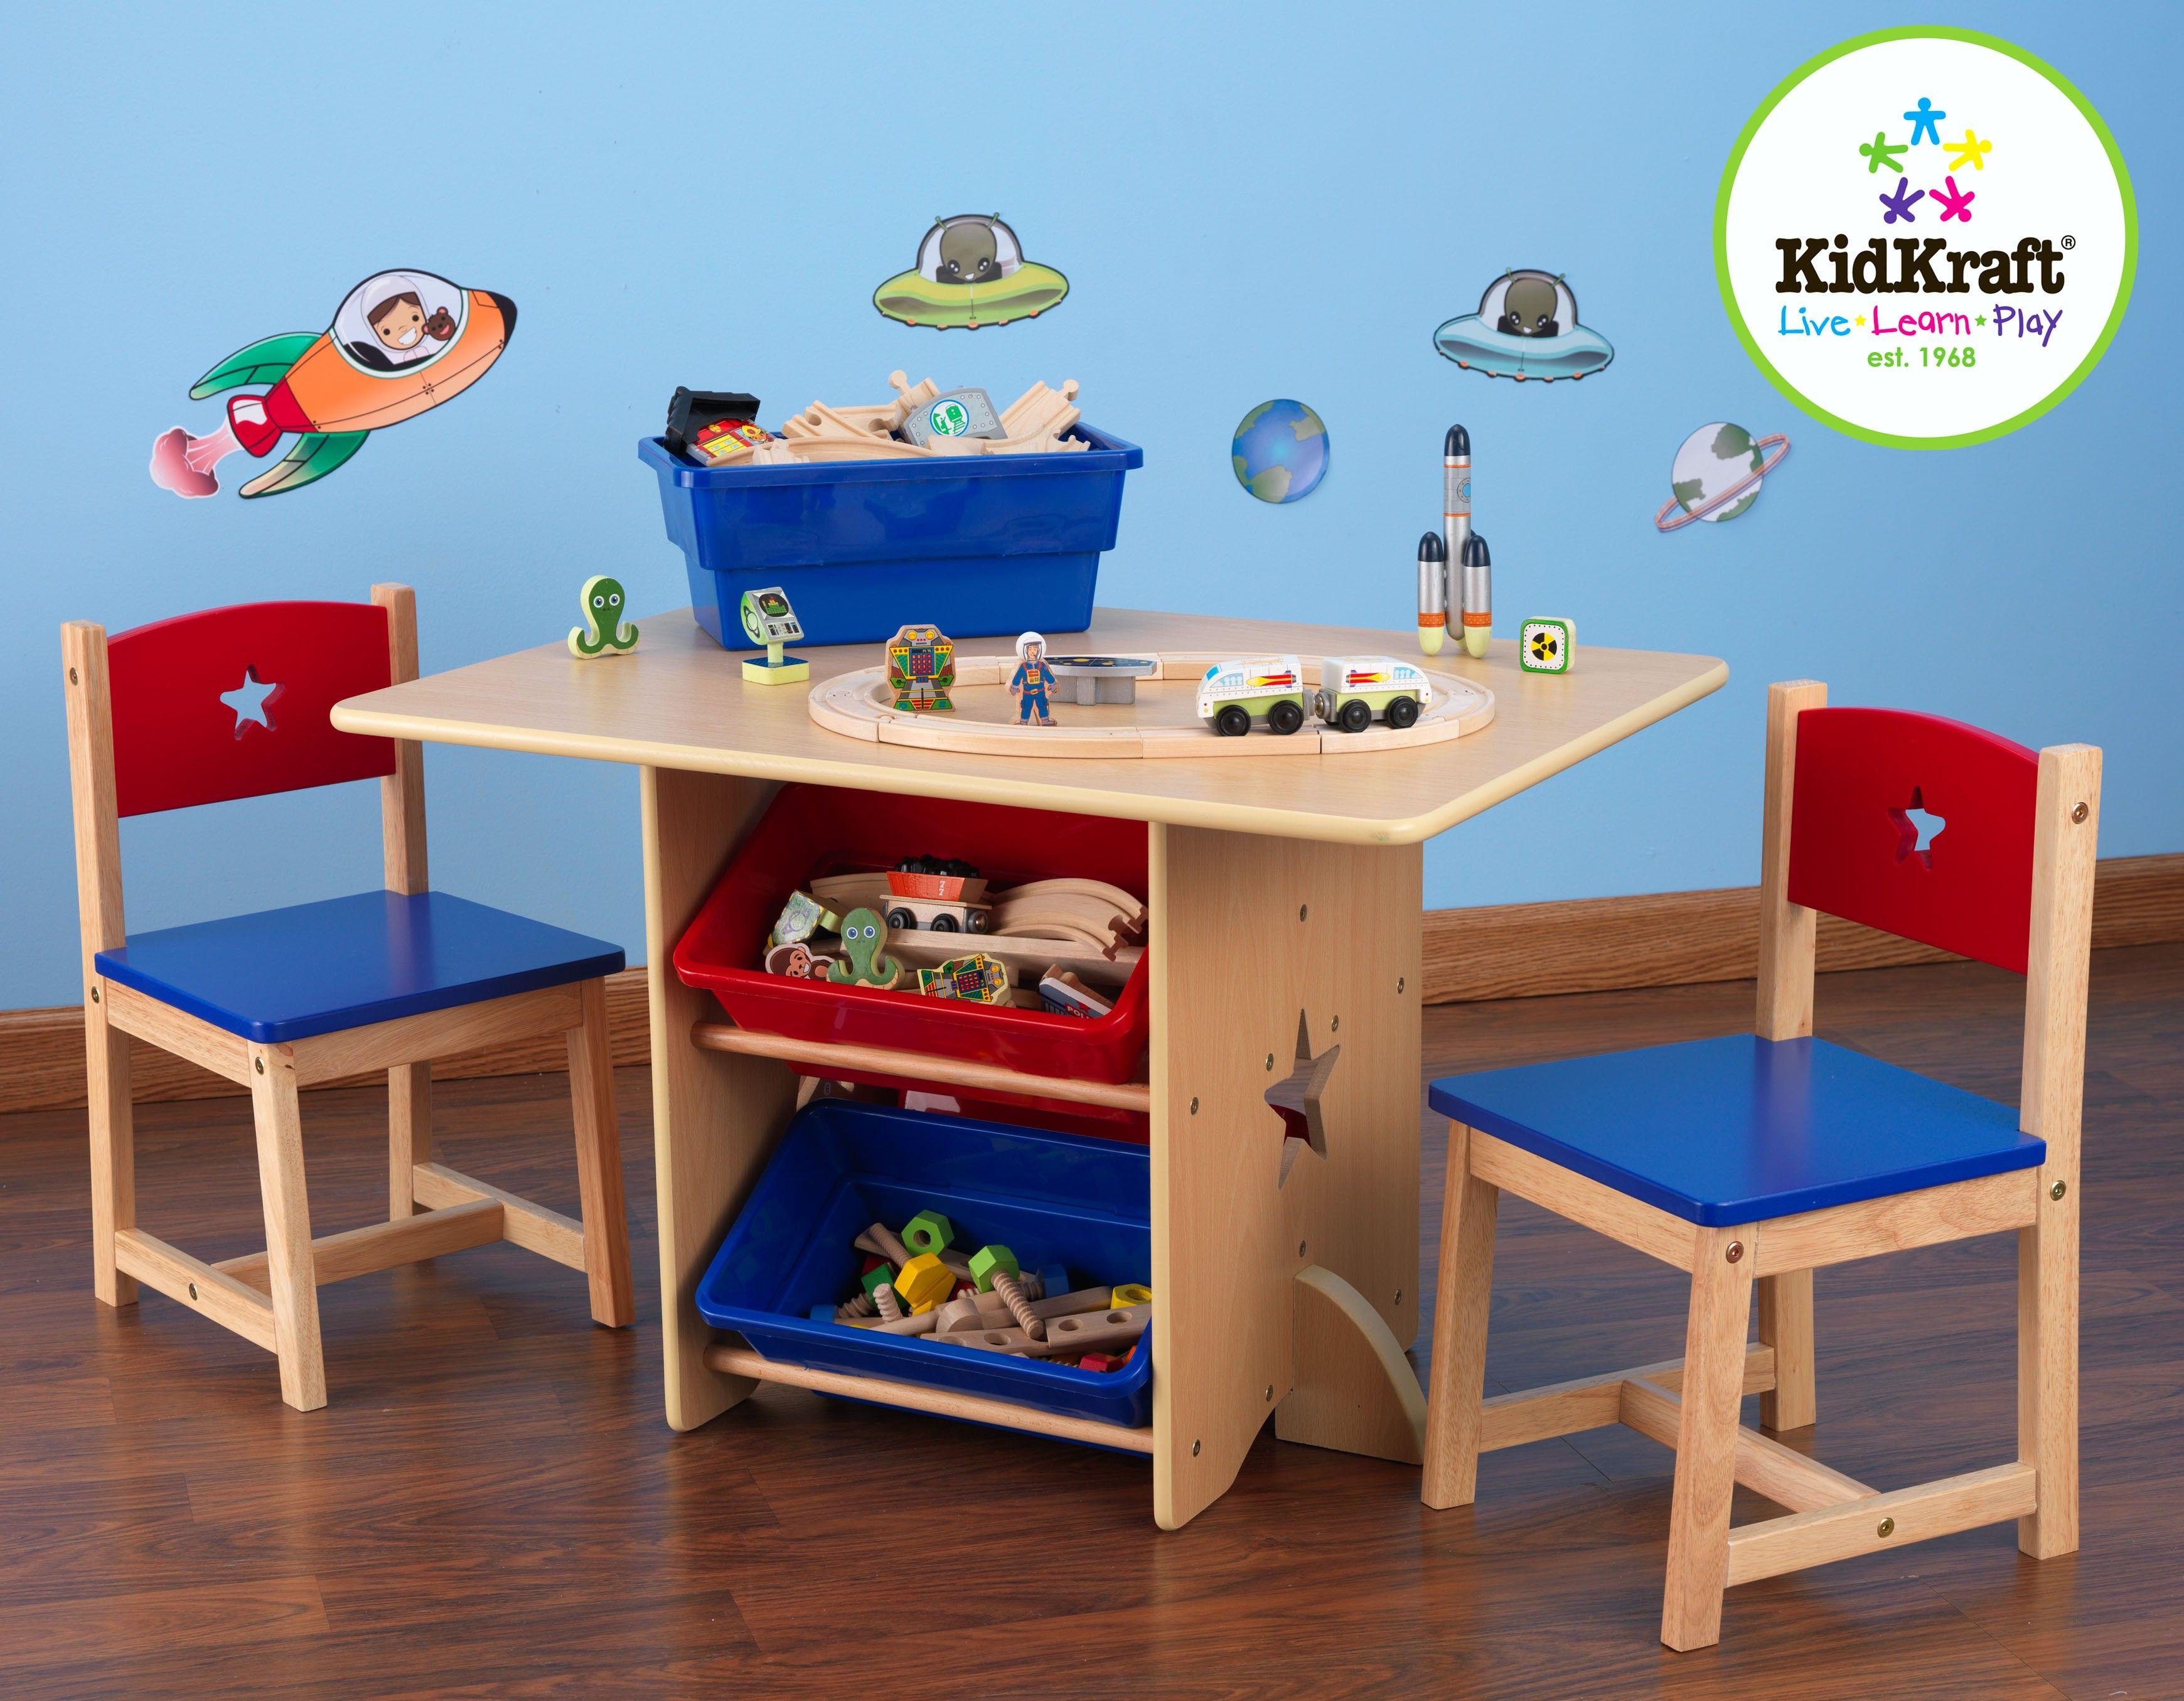 Tafel Met 2 Stoelen Kinderen.Kidkraft Kindertafel En 2 Kinderstoelen Met Sterren